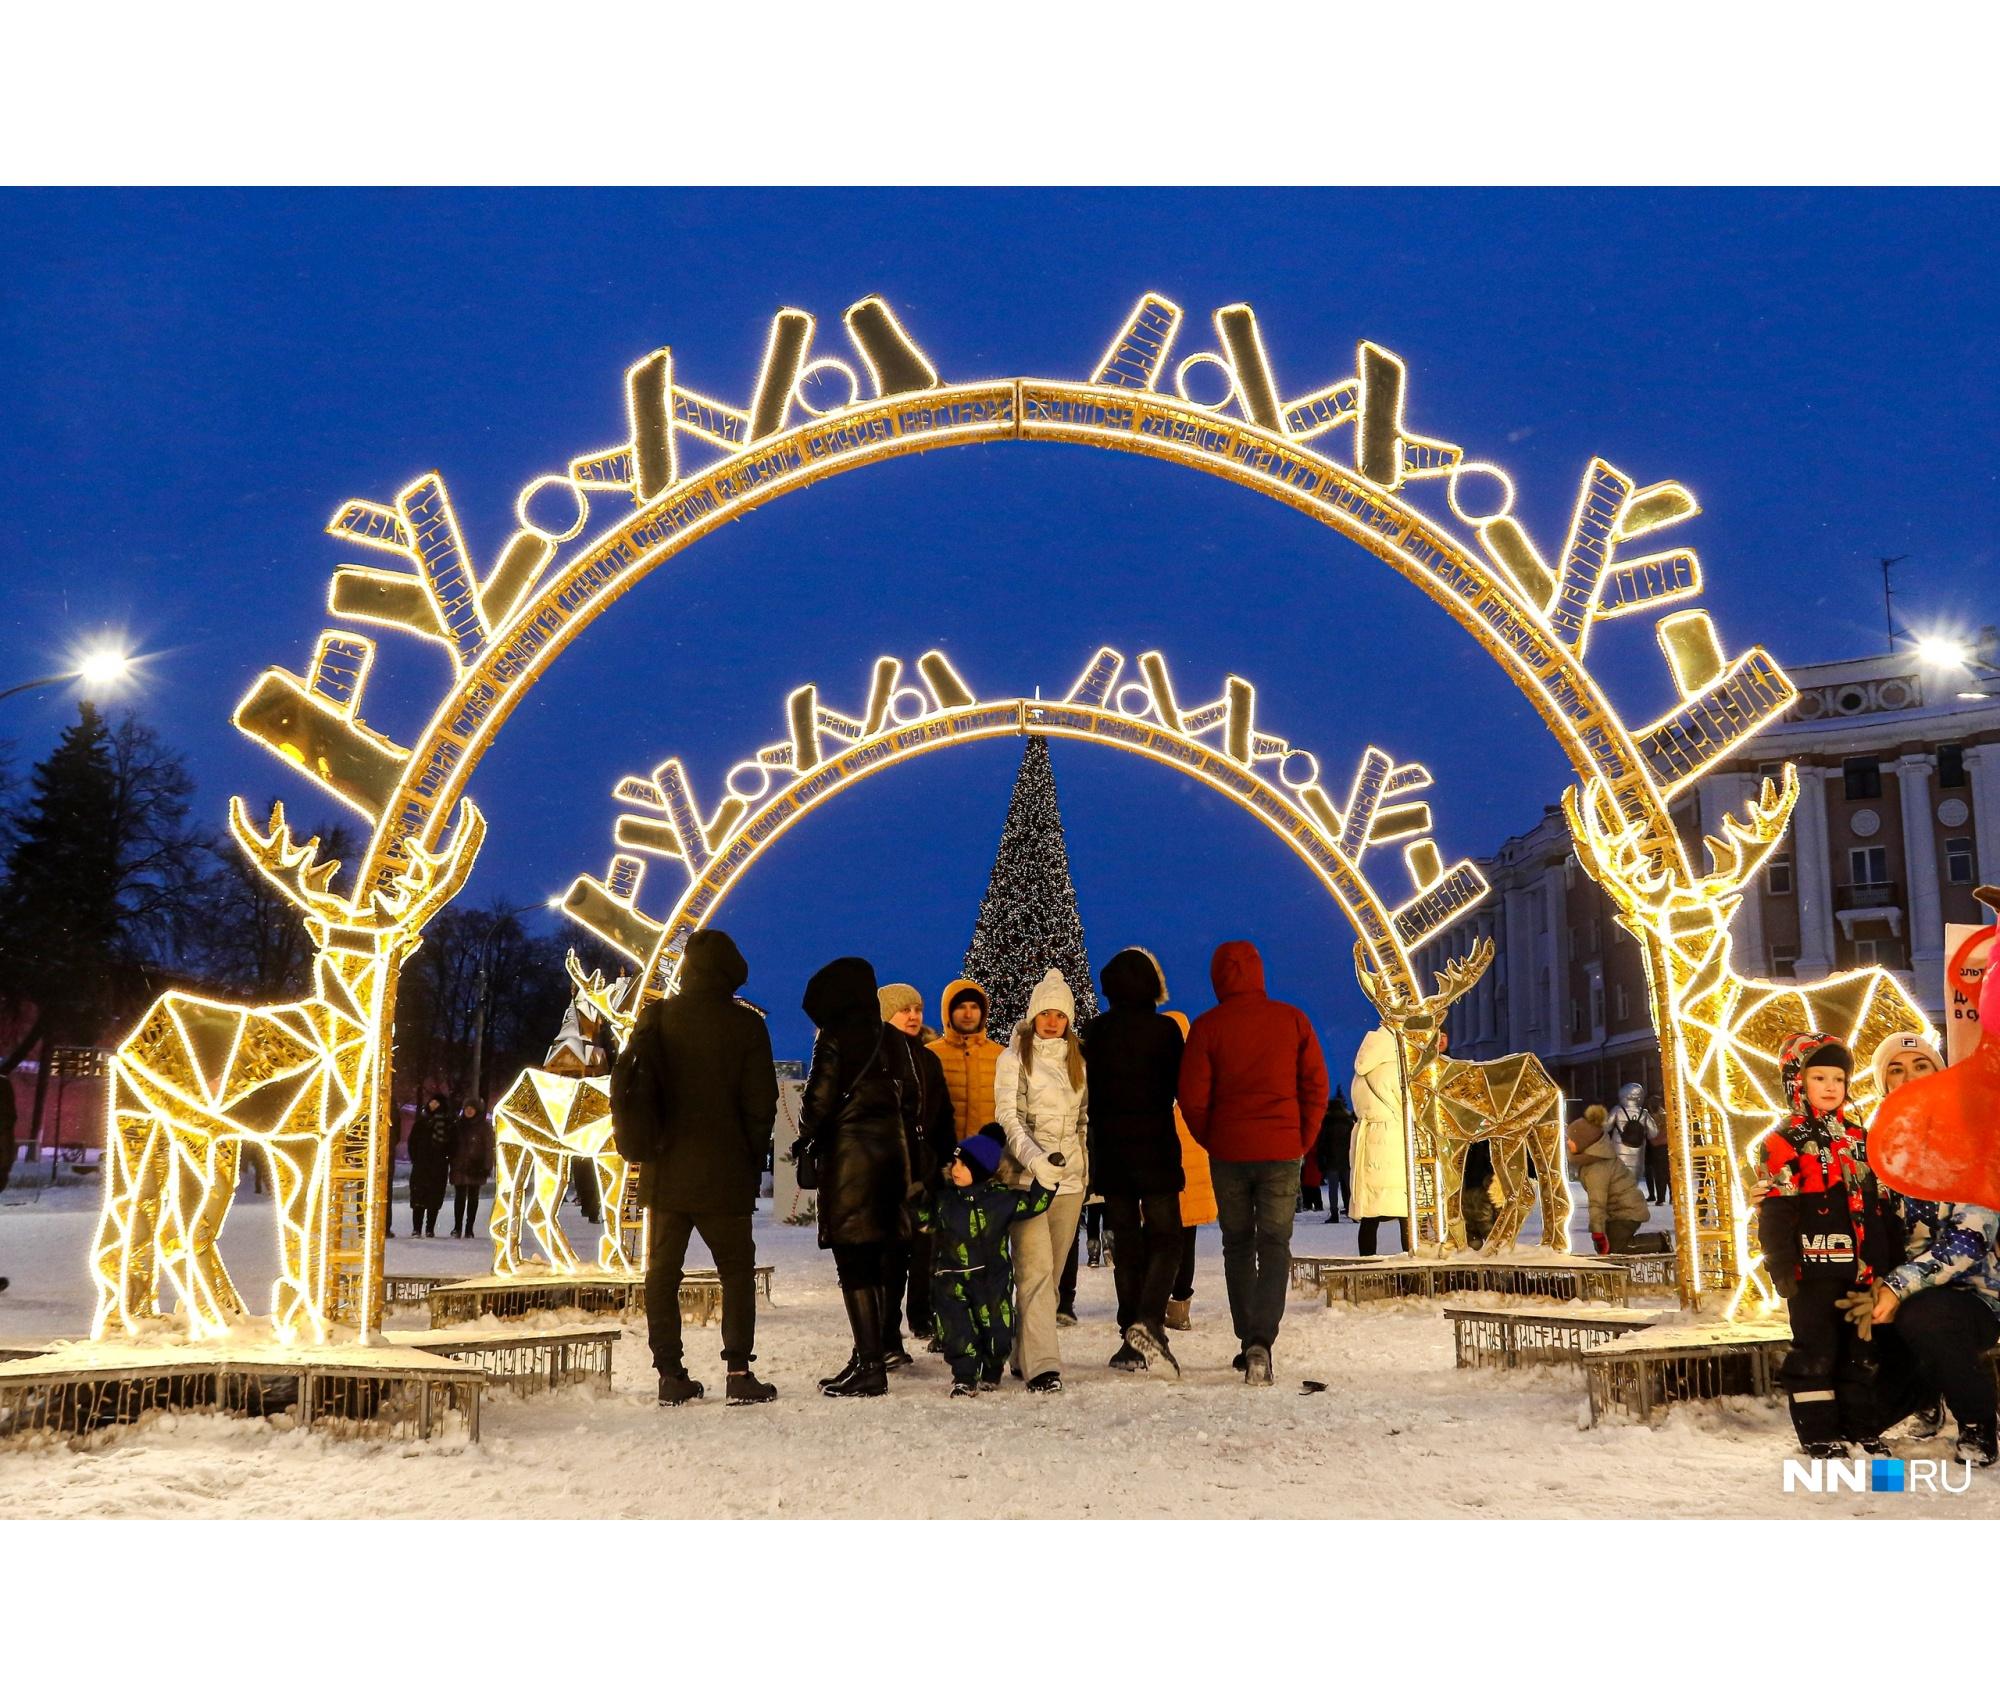 Тут располагалась фотозона в виде арки с оленем — главным символом города